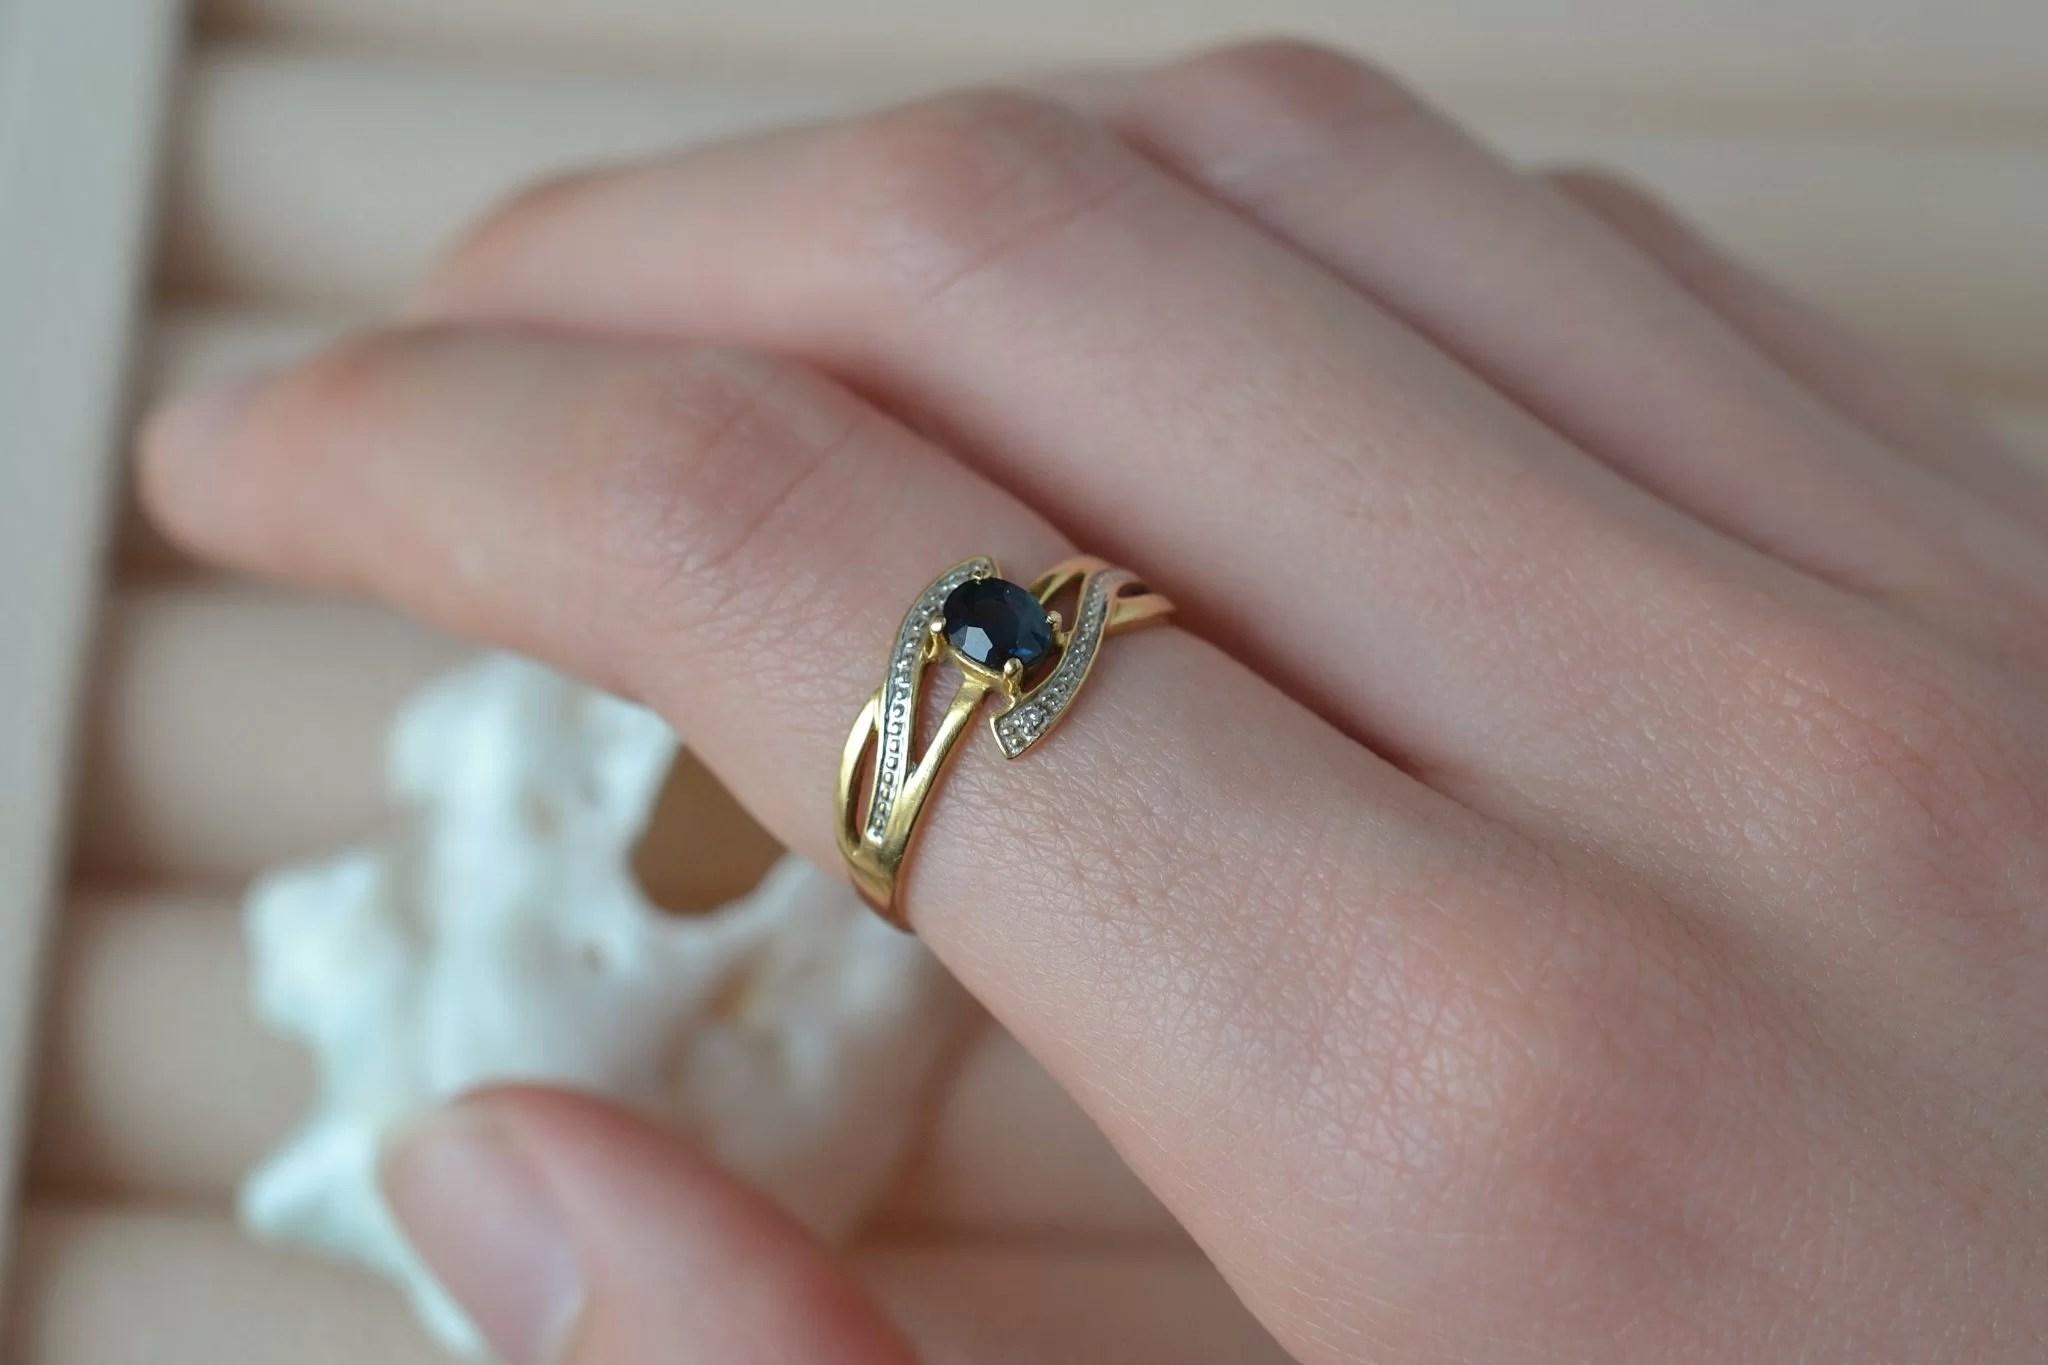 Bague ajourée en Or jaune et Or blanc sertie d_un saphir et de deux petits diamants - bague de seconde main